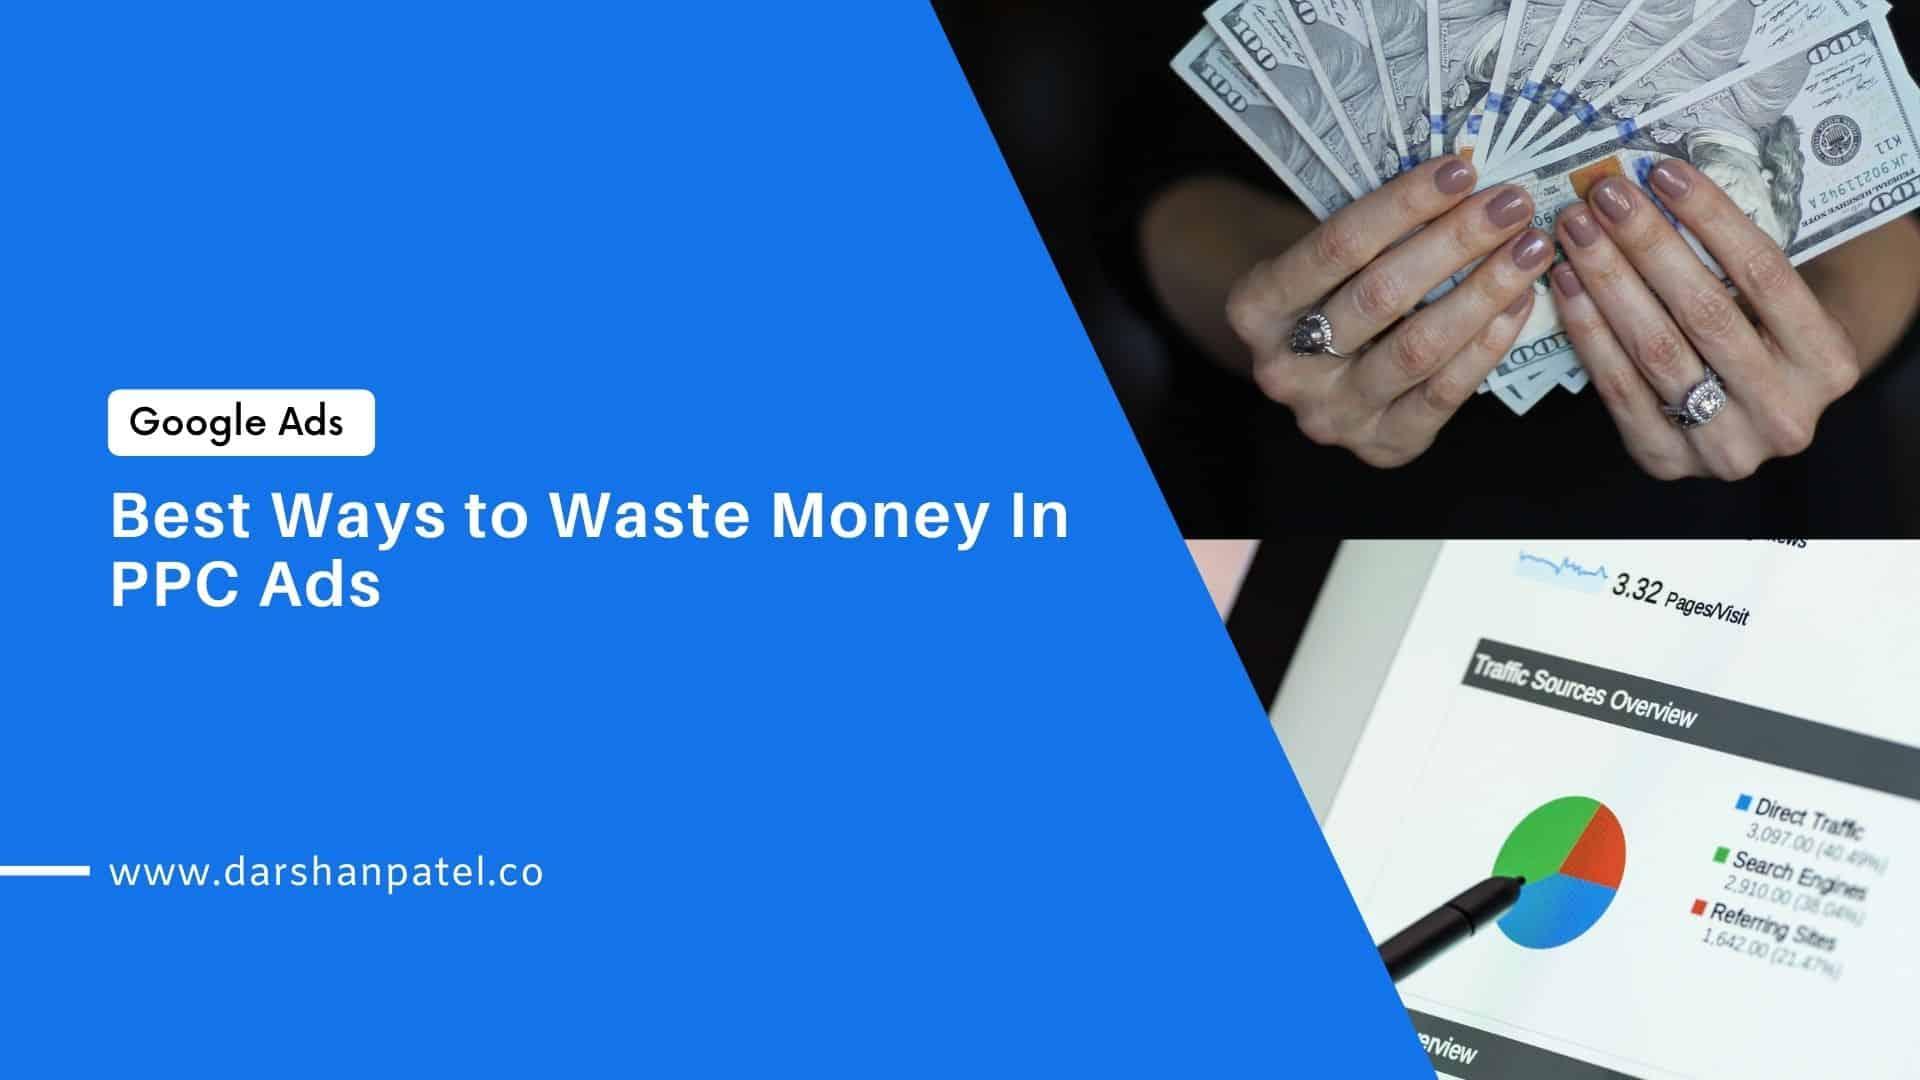 Best Ways to Waste Money In PPC Ads